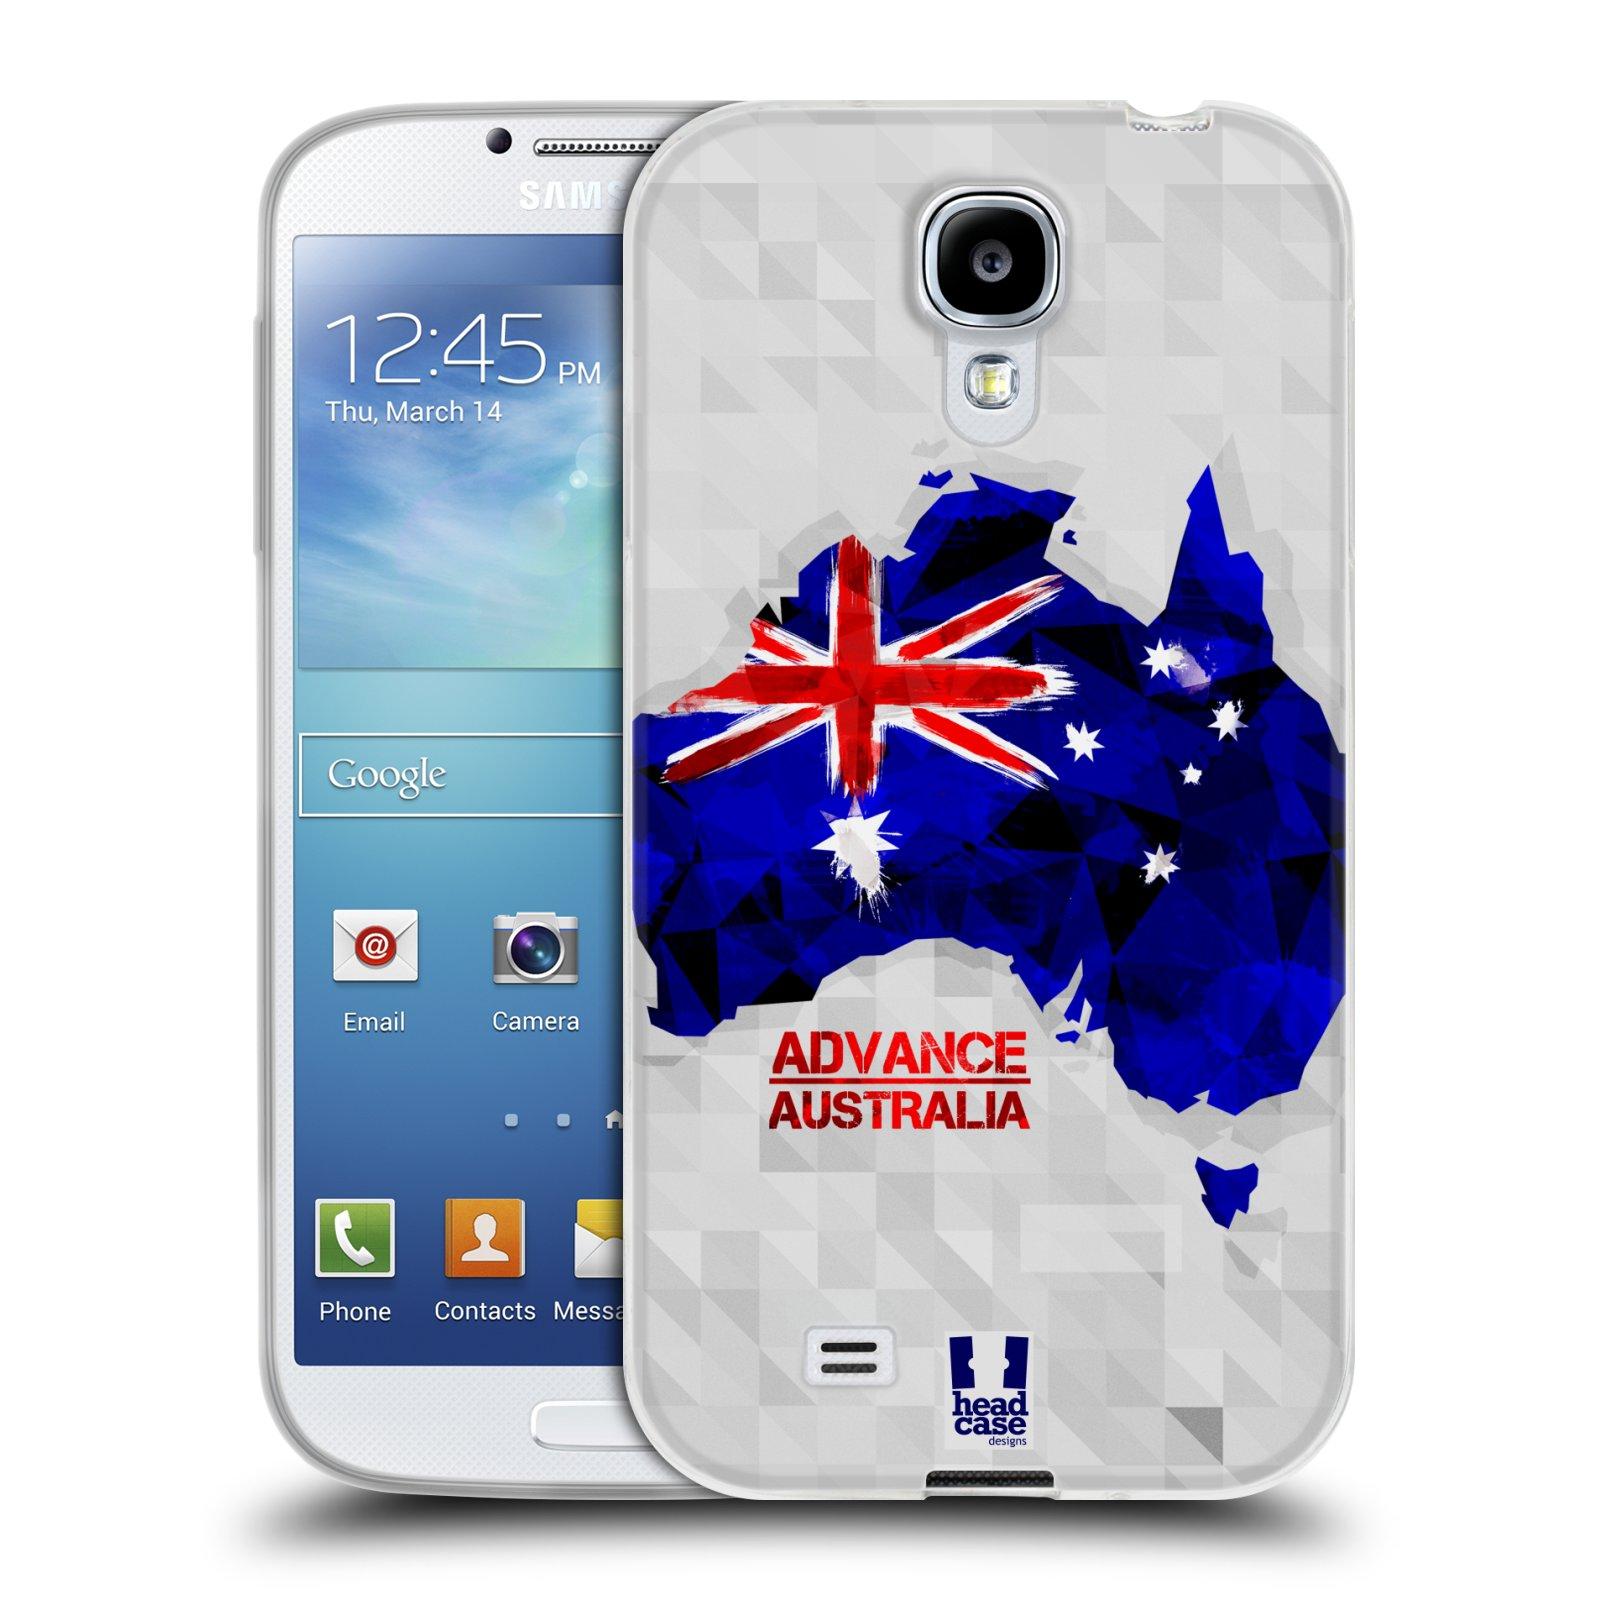 Silikonové pouzdro na mobil Samsung Galaxy S4 HEAD CASE GEOMAPA AUSTRÁLIE (Silikonový kryt či obal na mobilní telefon Samsung Galaxy S4 GT-i9505 / i9500)